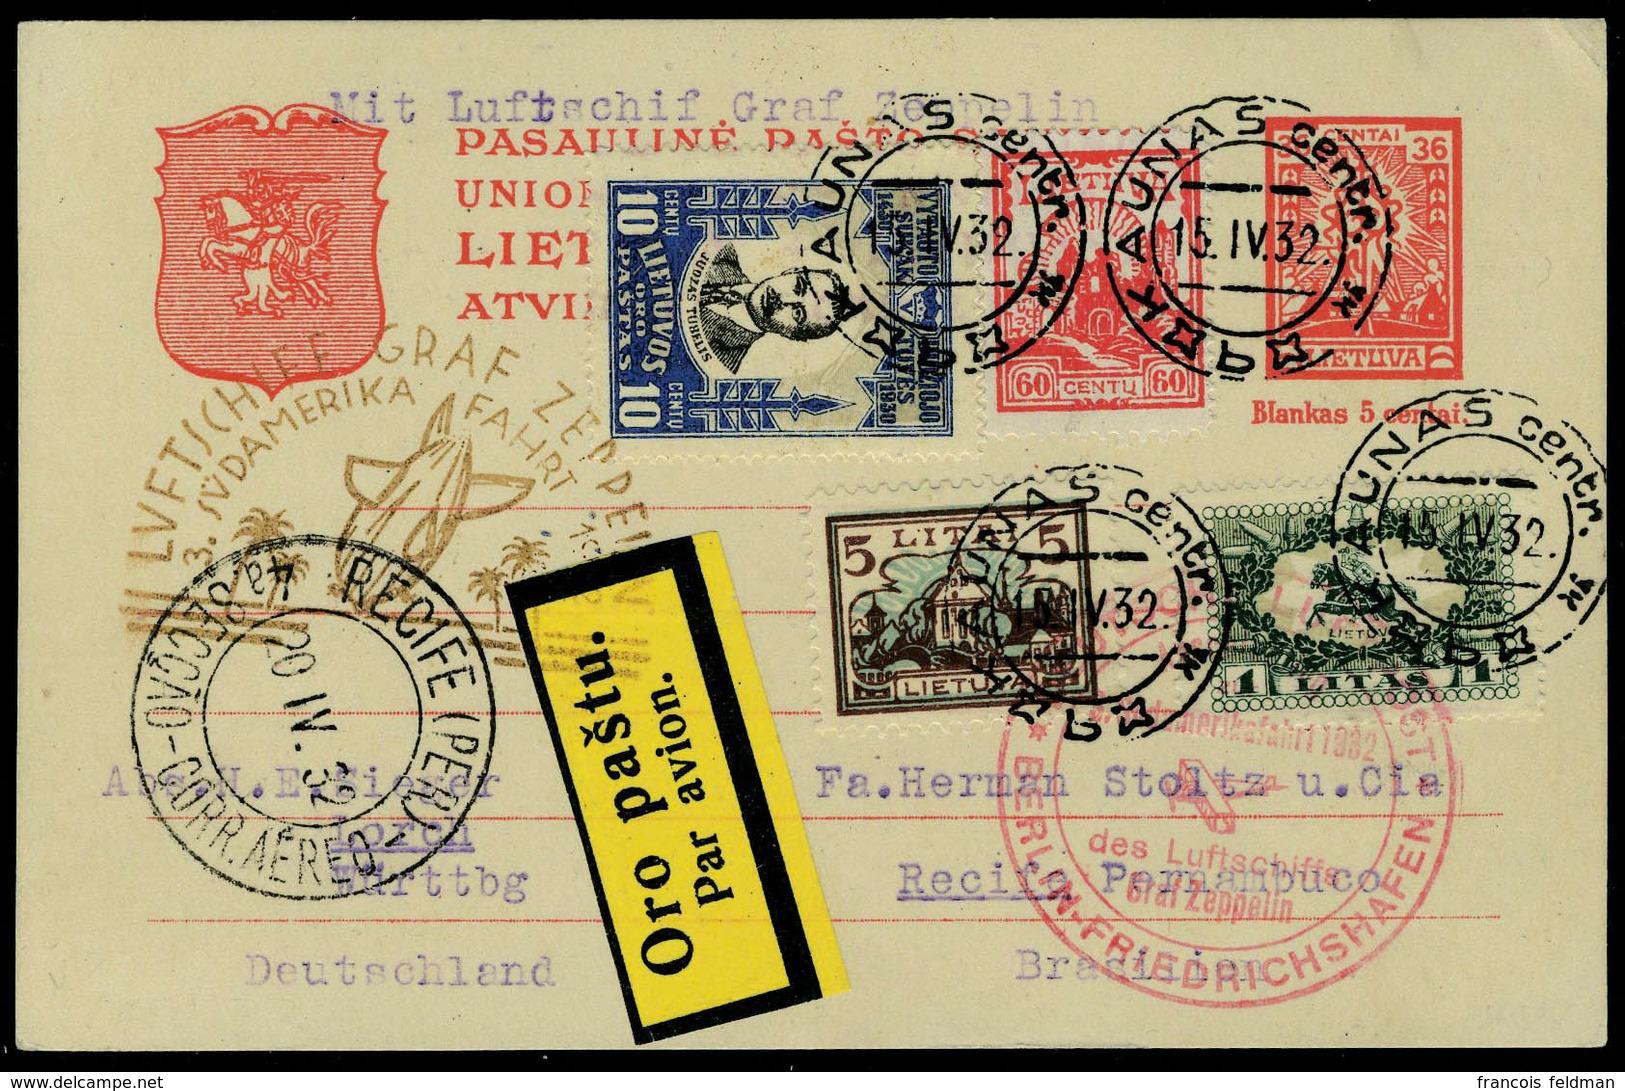 Lettre Zeppelin 3 SAF 1932, EP Avec Complément D'affranchissement, Càd Kaunas 15.IV 32, Cachet Illustré Berlin - Friedri - Postzegels